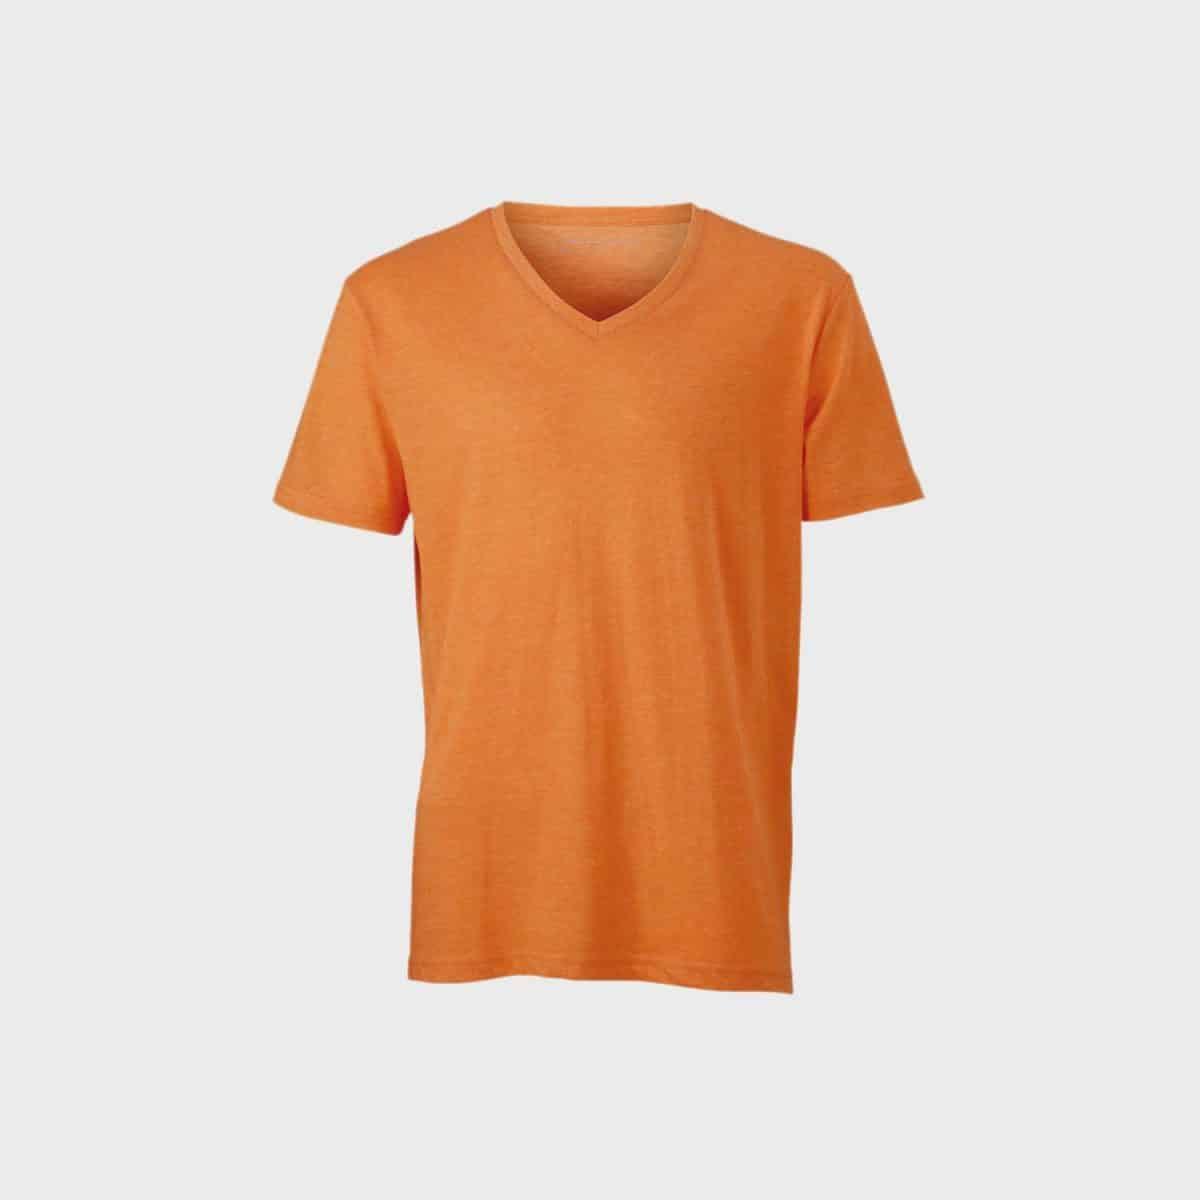 Daiber T Shirts JN974 Orangemelange Front